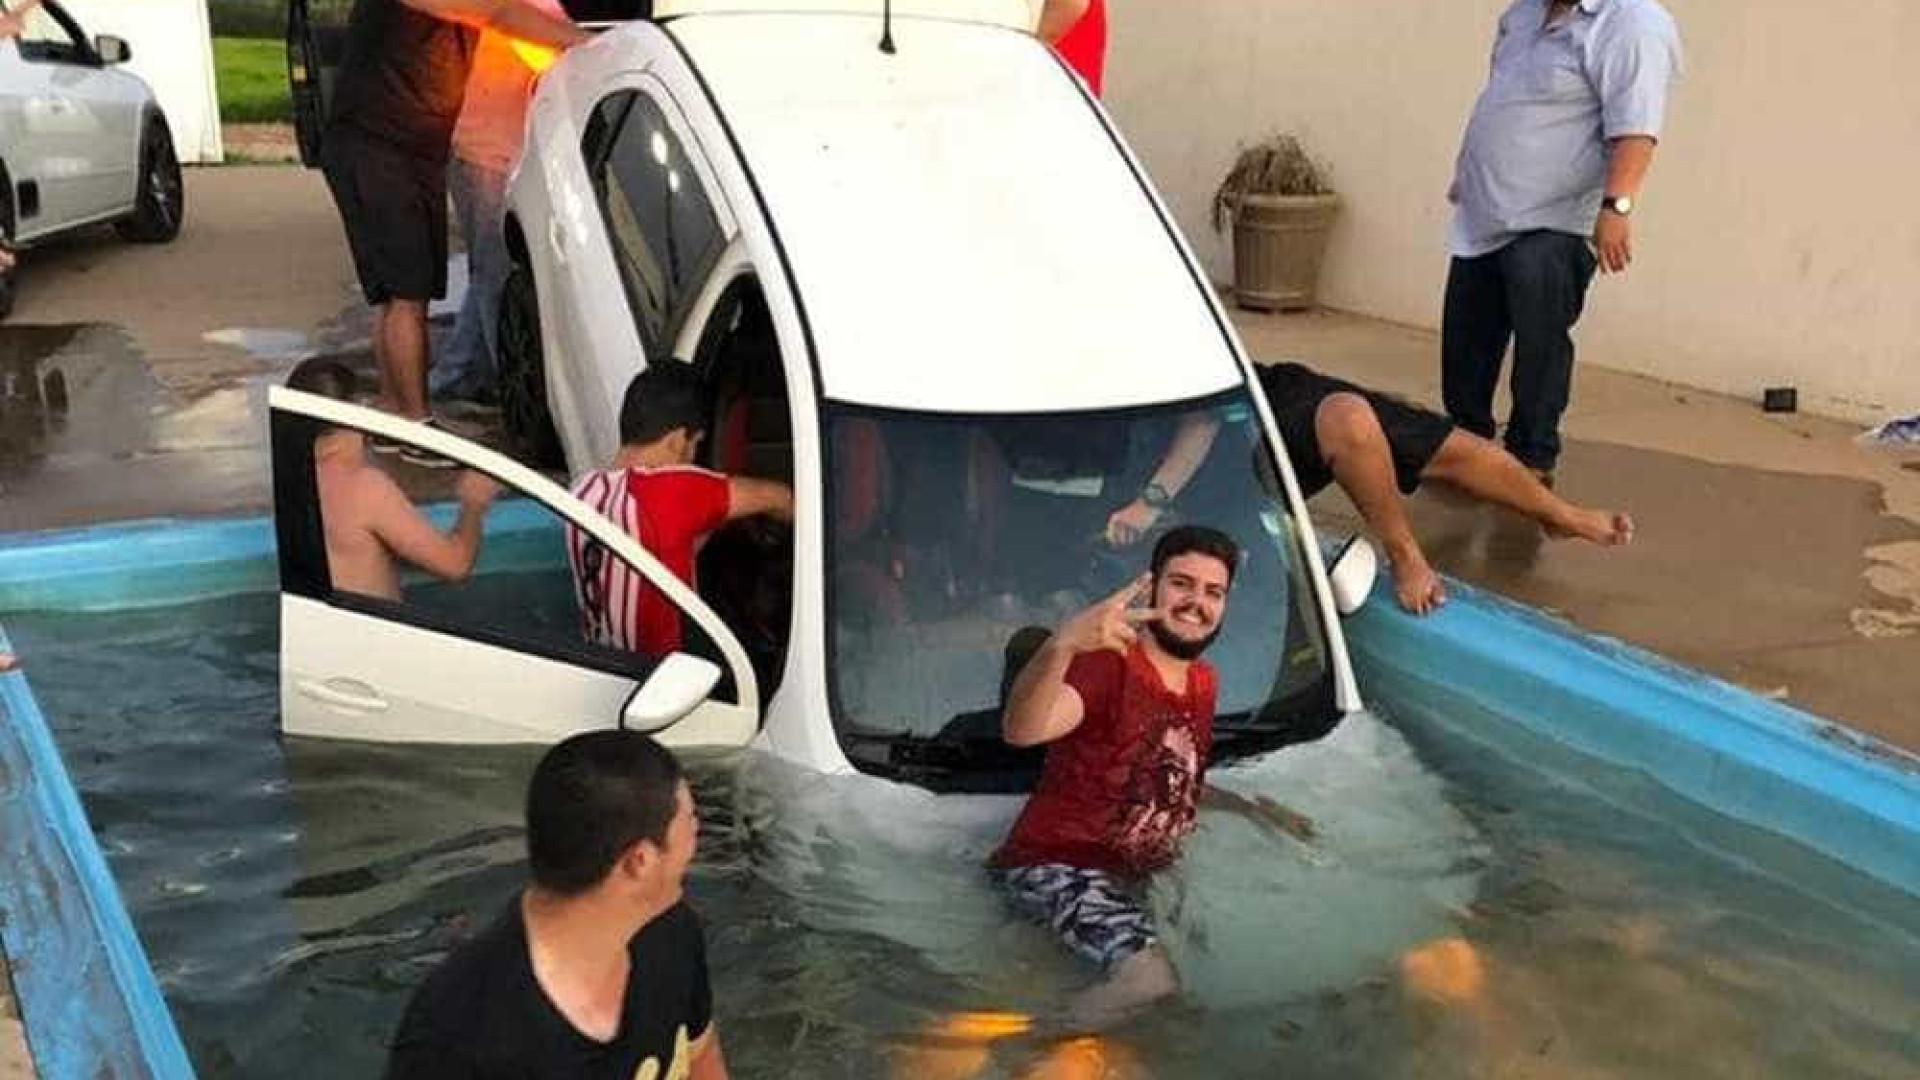 Carro cai em piscina durante festa e 'resgate' viraliza